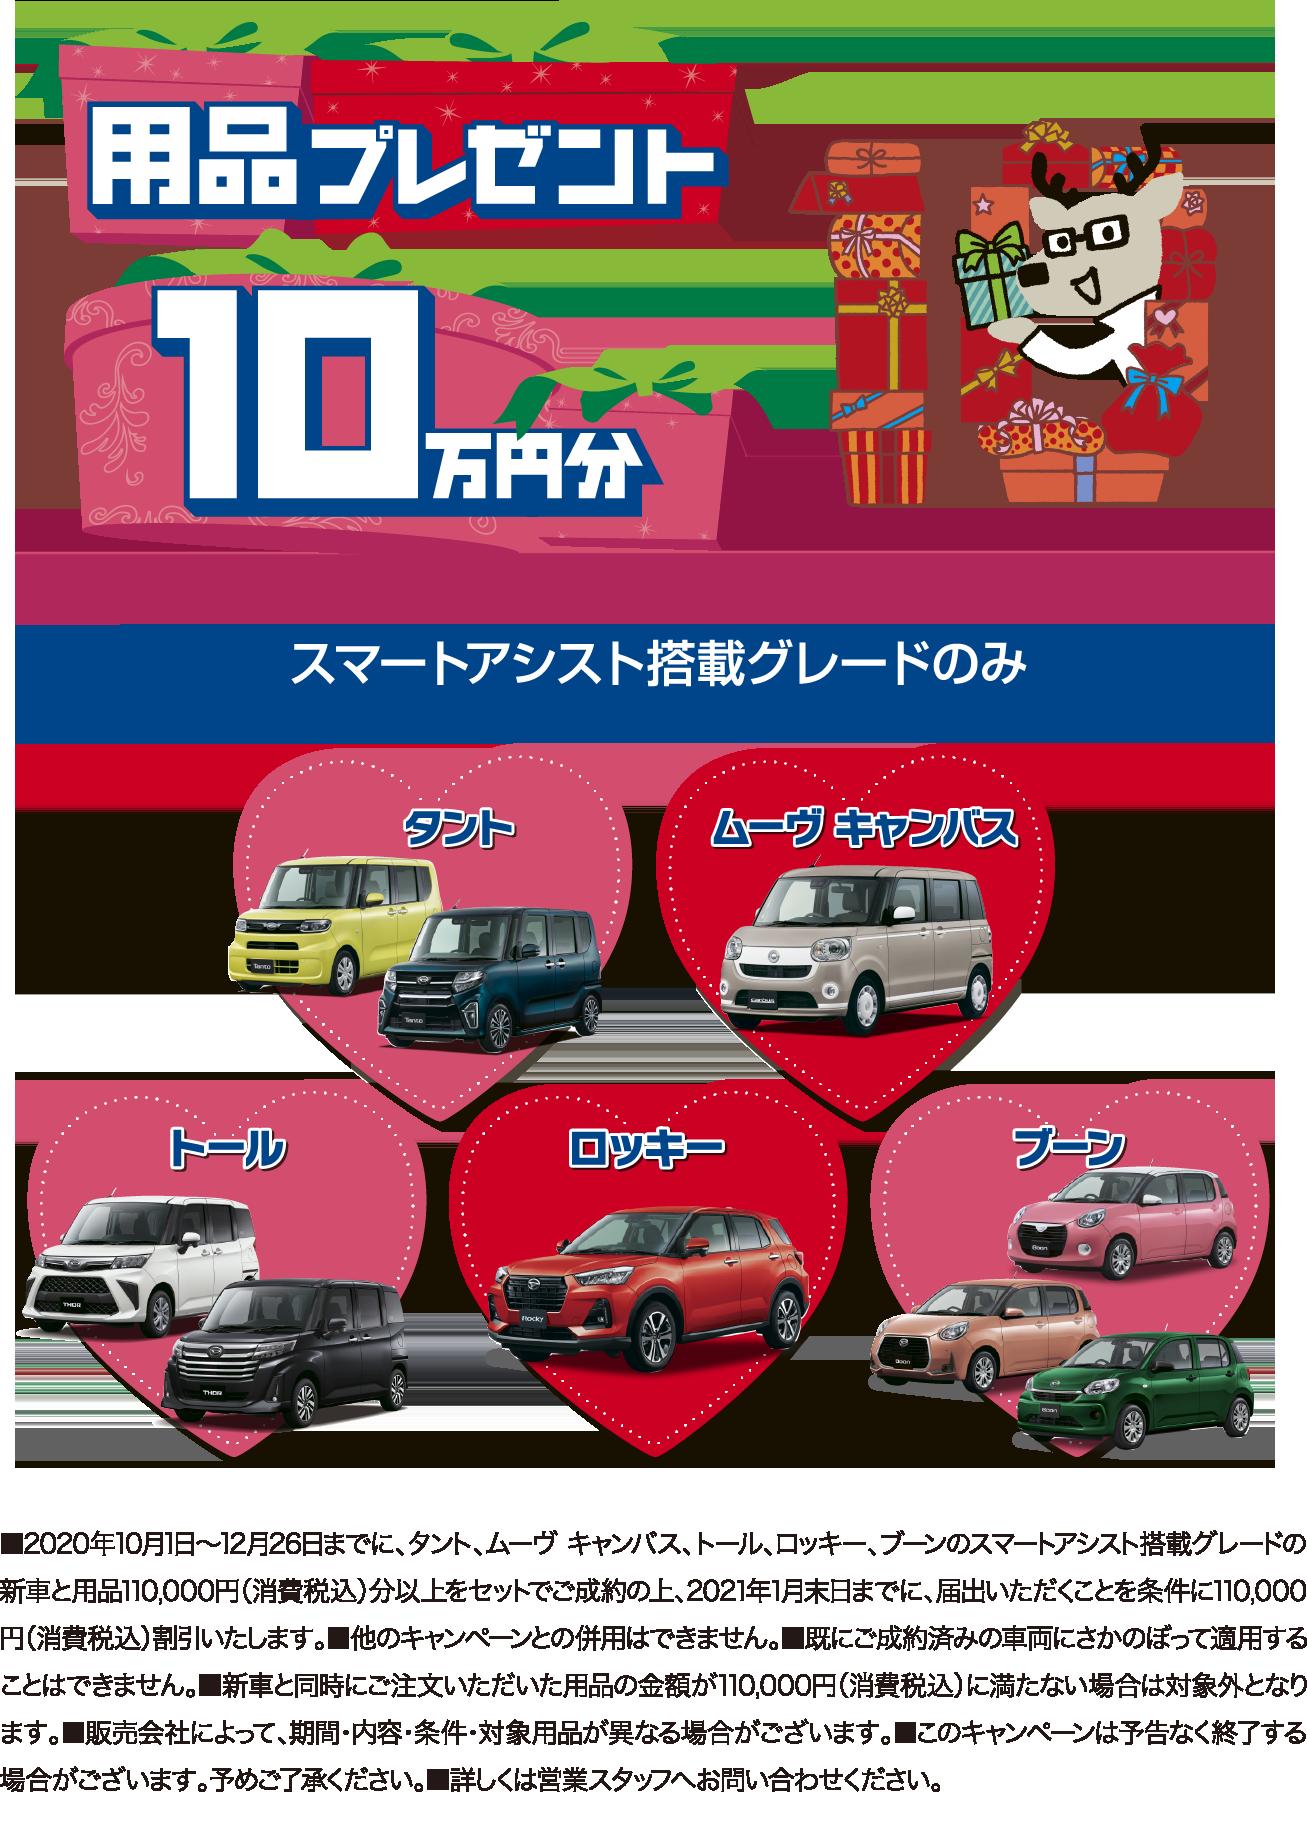 用品プレゼント10万円分!ご成約期間12/26(土)まで